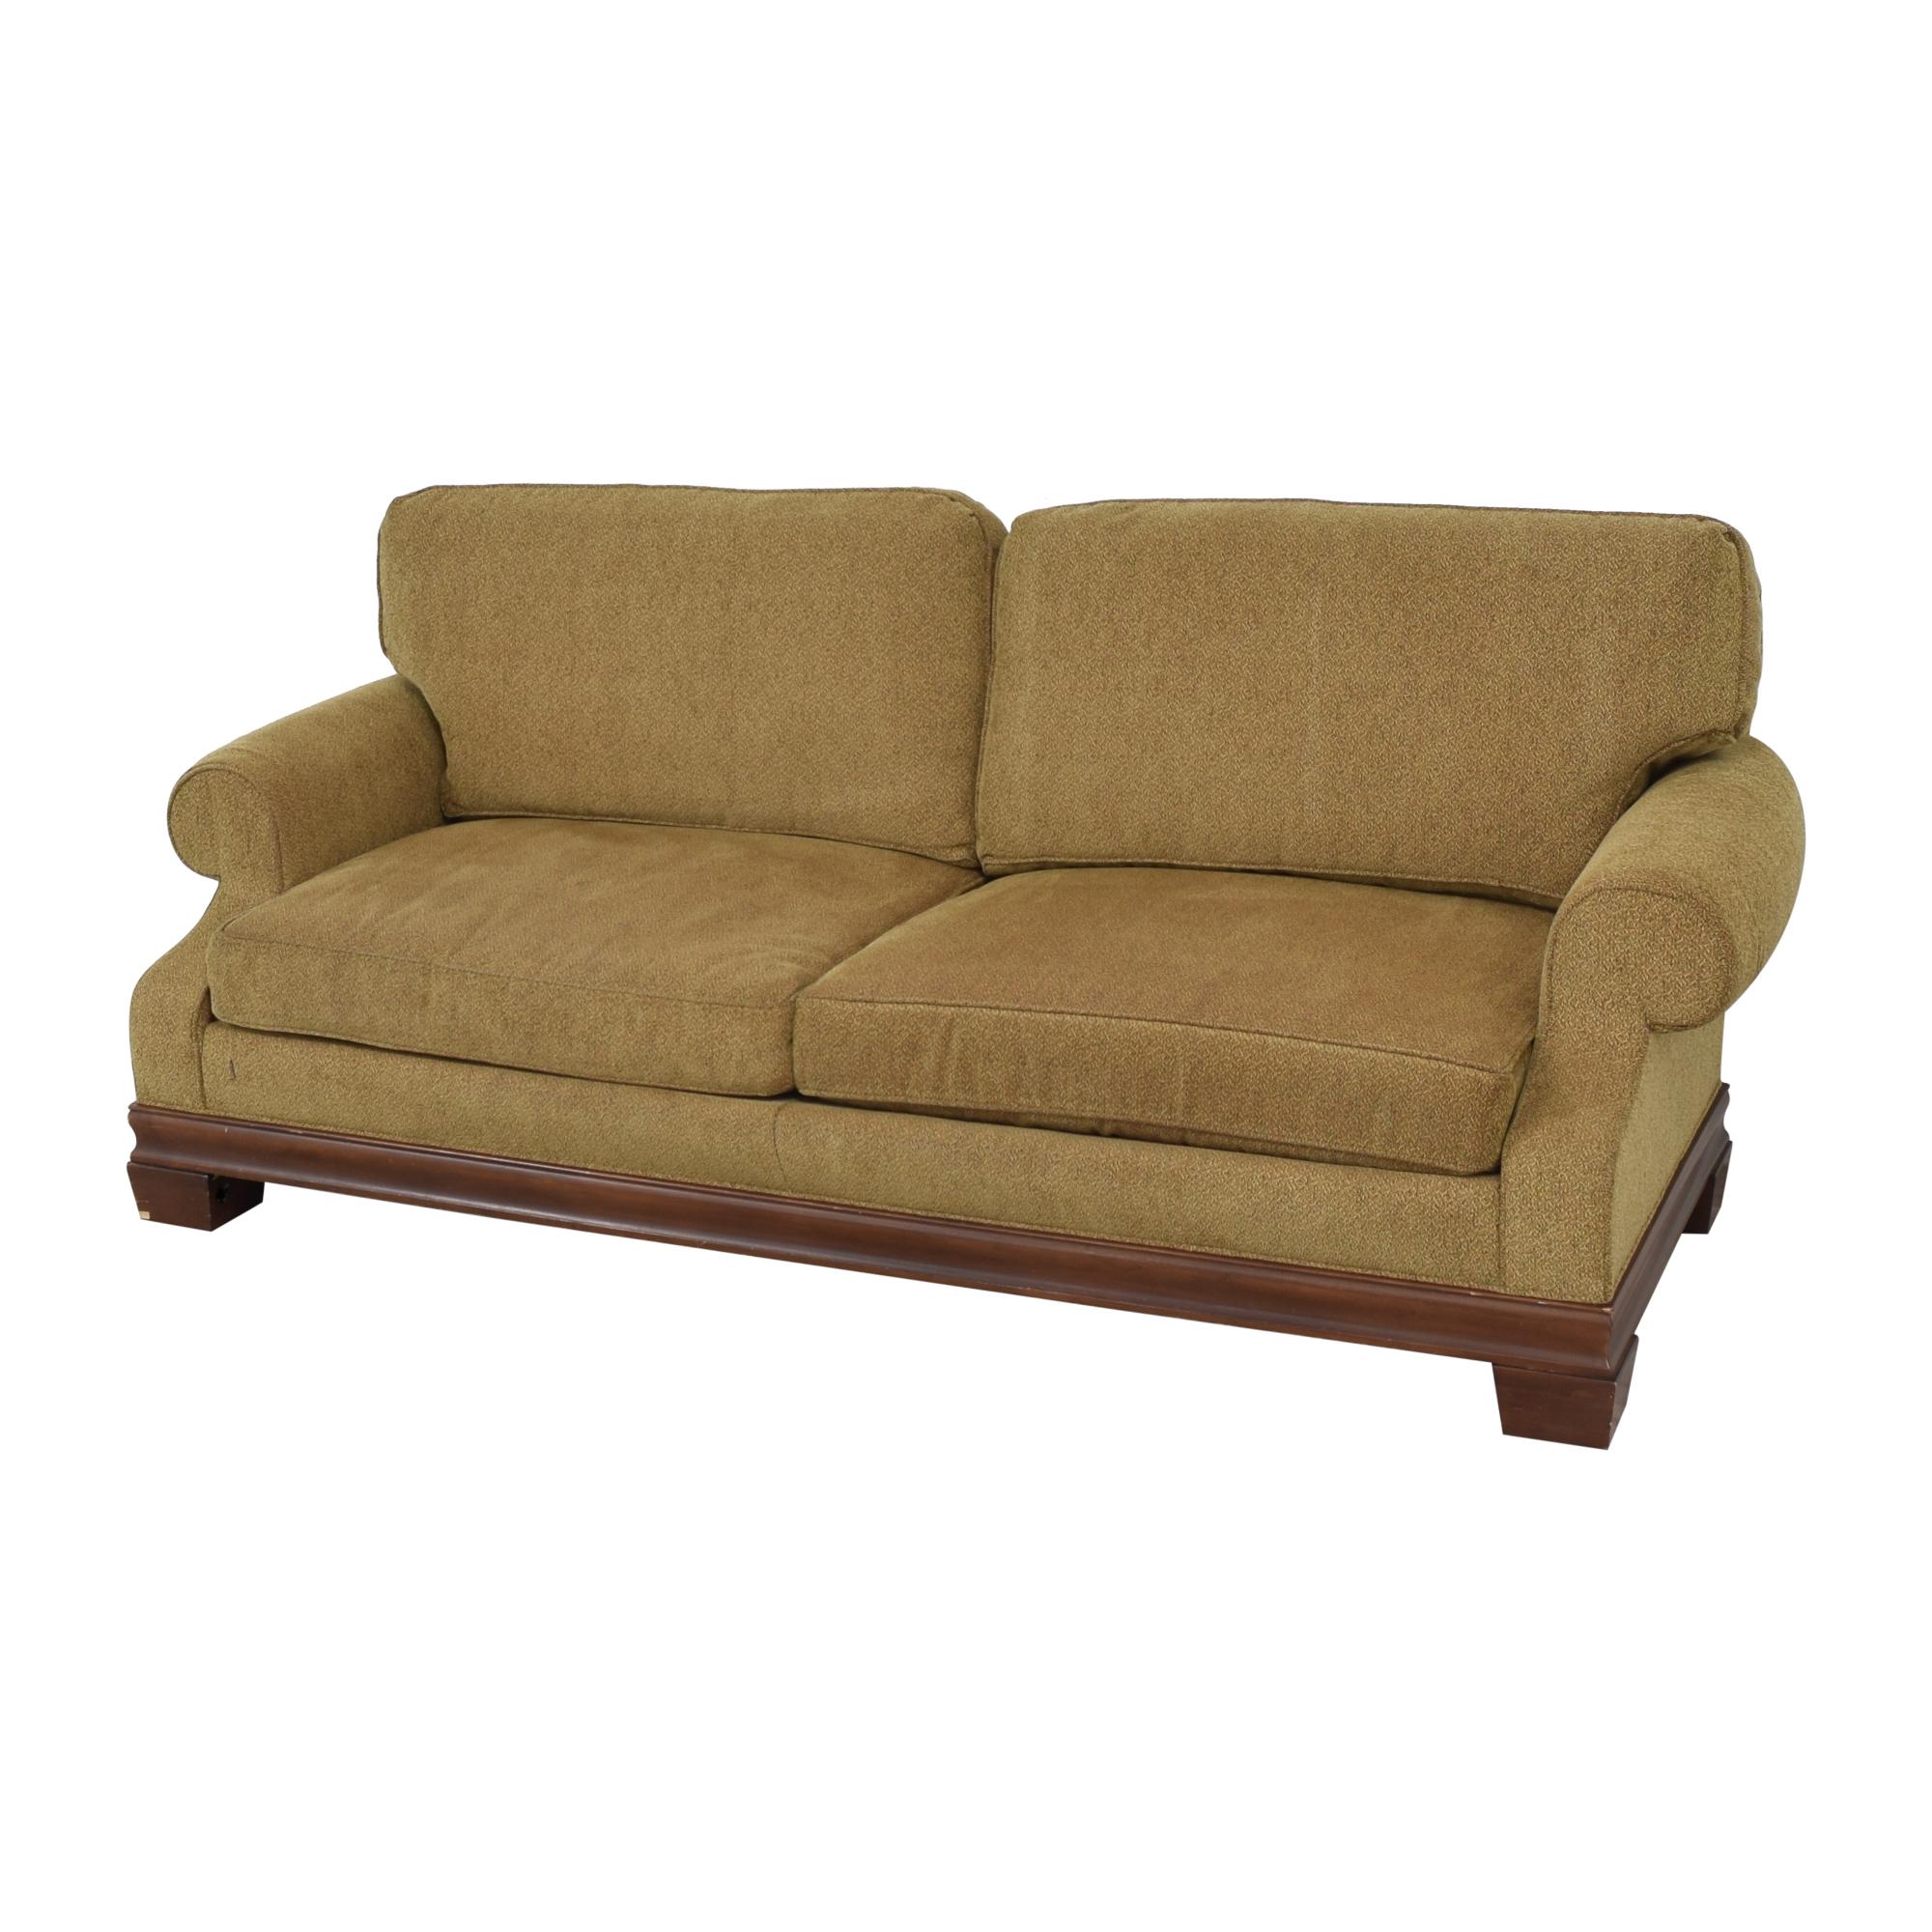 shop  Custom Two Cushion Roll Arm Sofa online